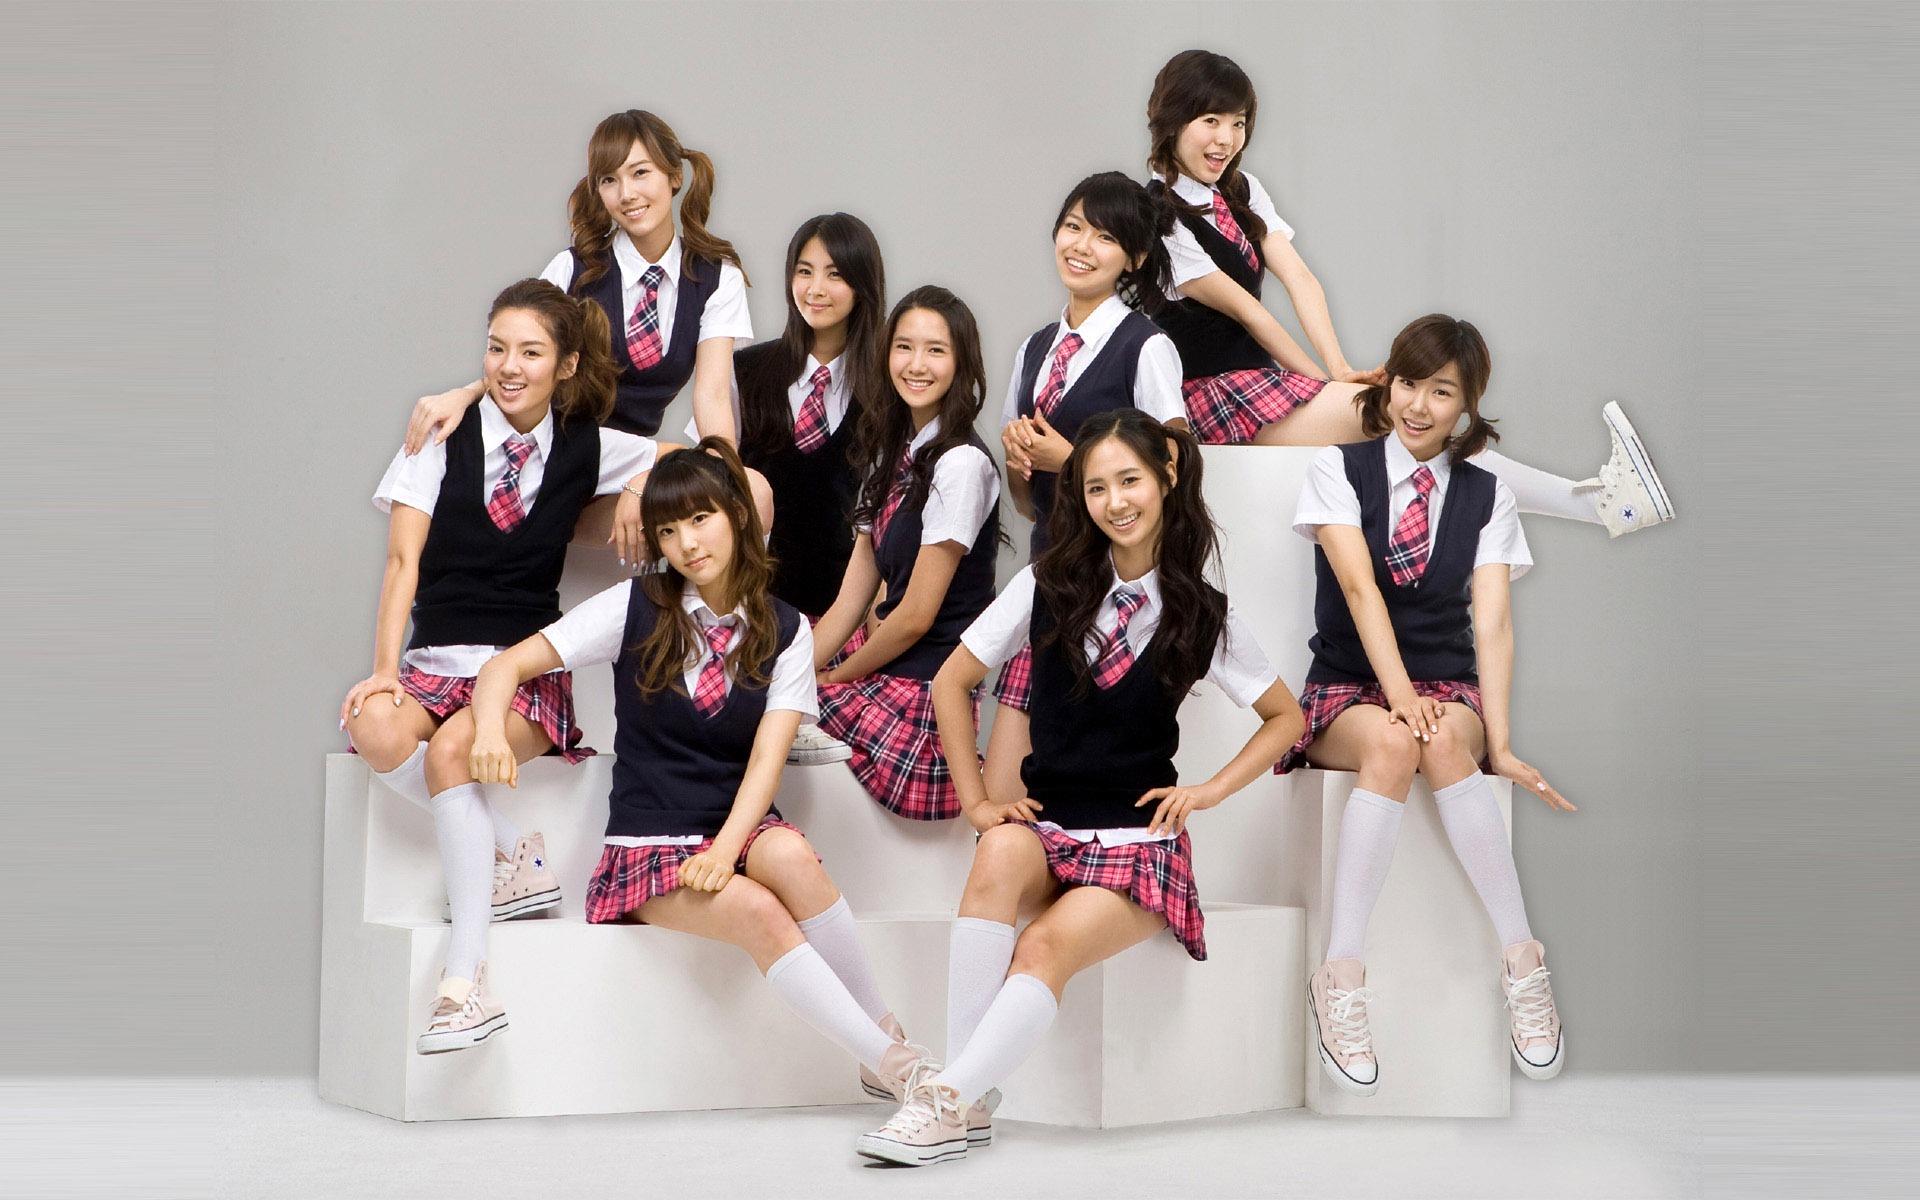 بالصور البنات المراهقات في المدارس , طالبات مراهقة قمة الجمال 4932 2